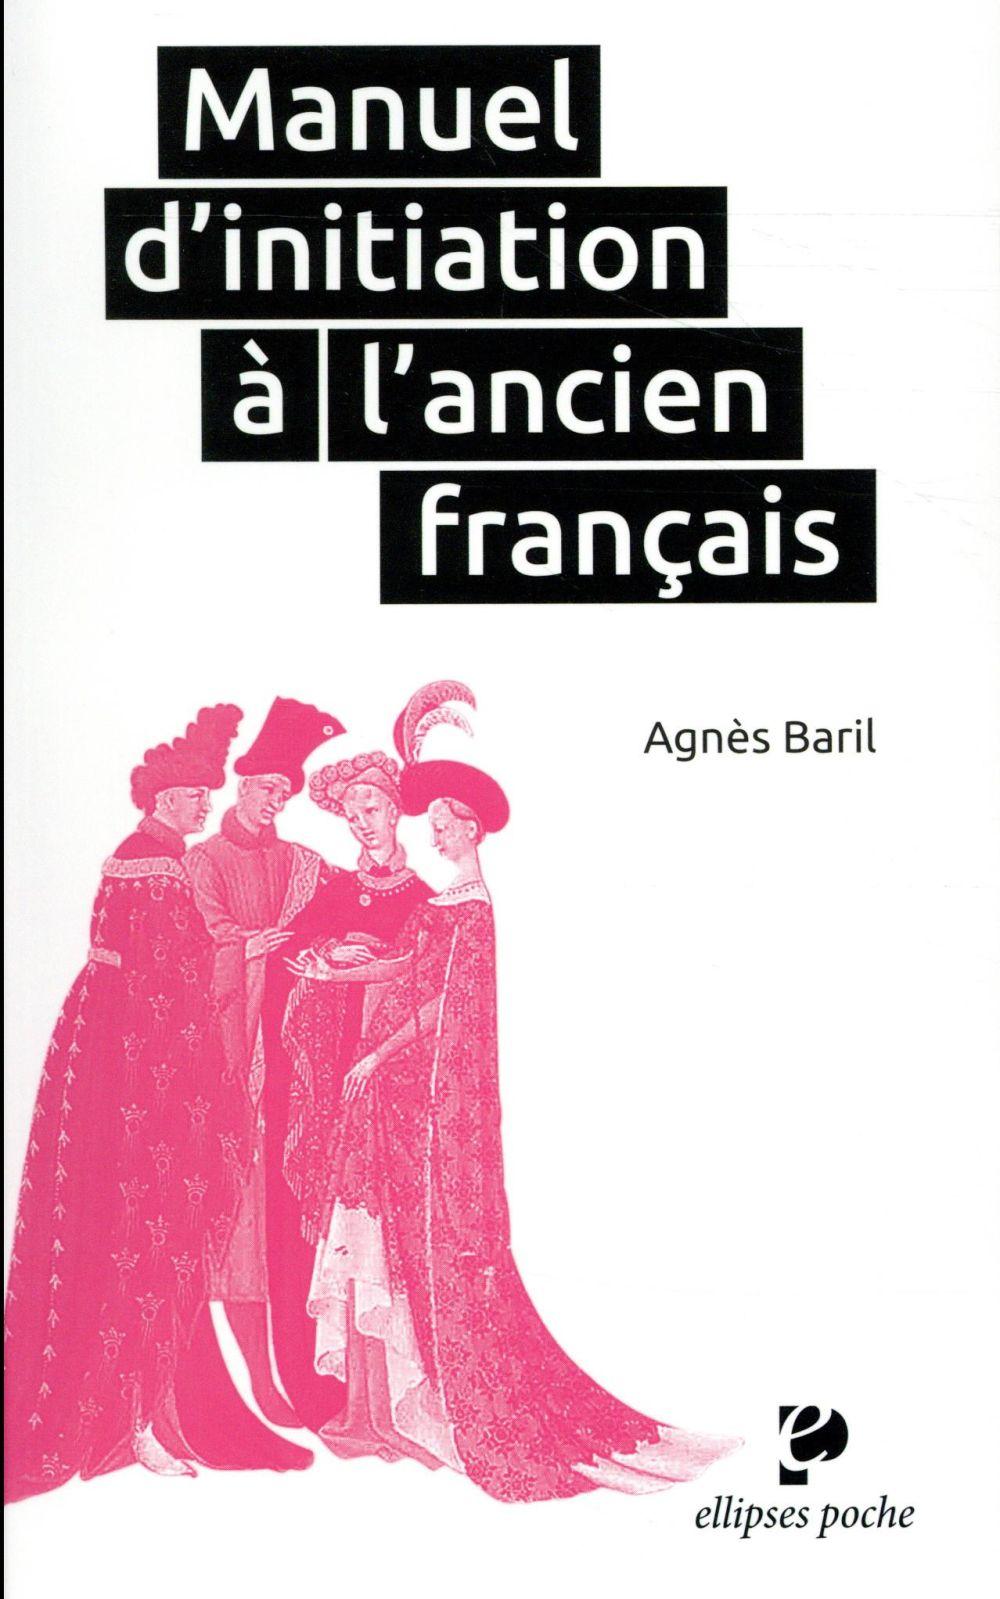 Manuel d'initiation à l'ancien français